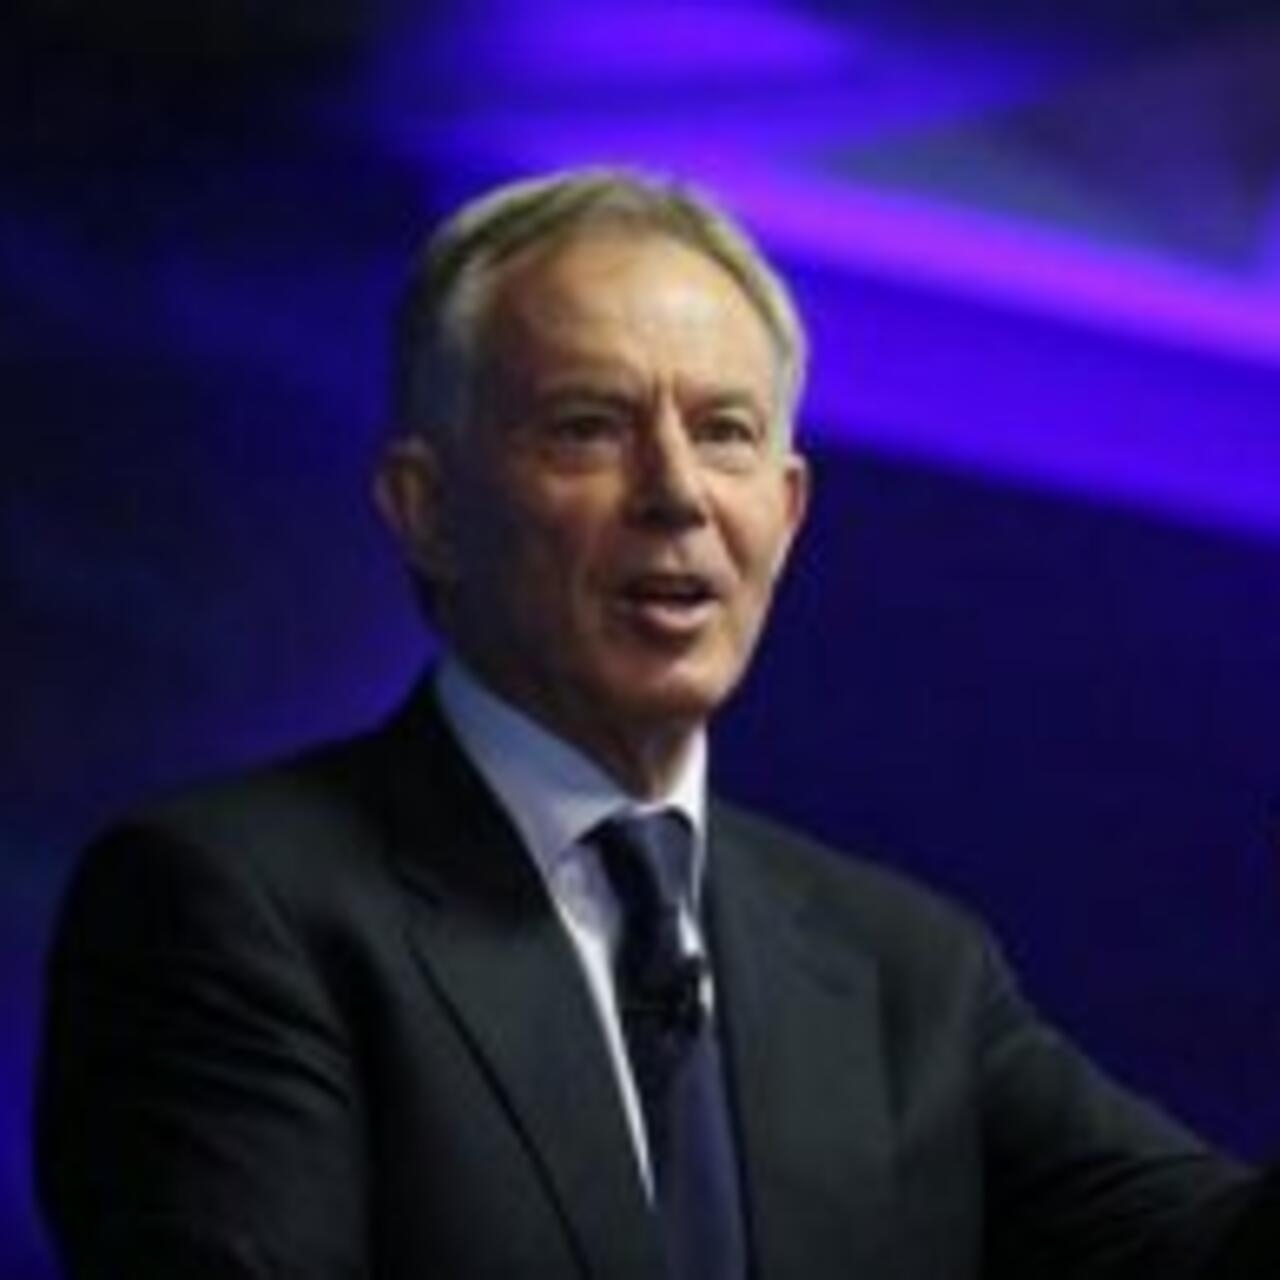 بلير يقر بأن غزو العراق تسبب في ظهور تنظيم الدولة الإسلامية